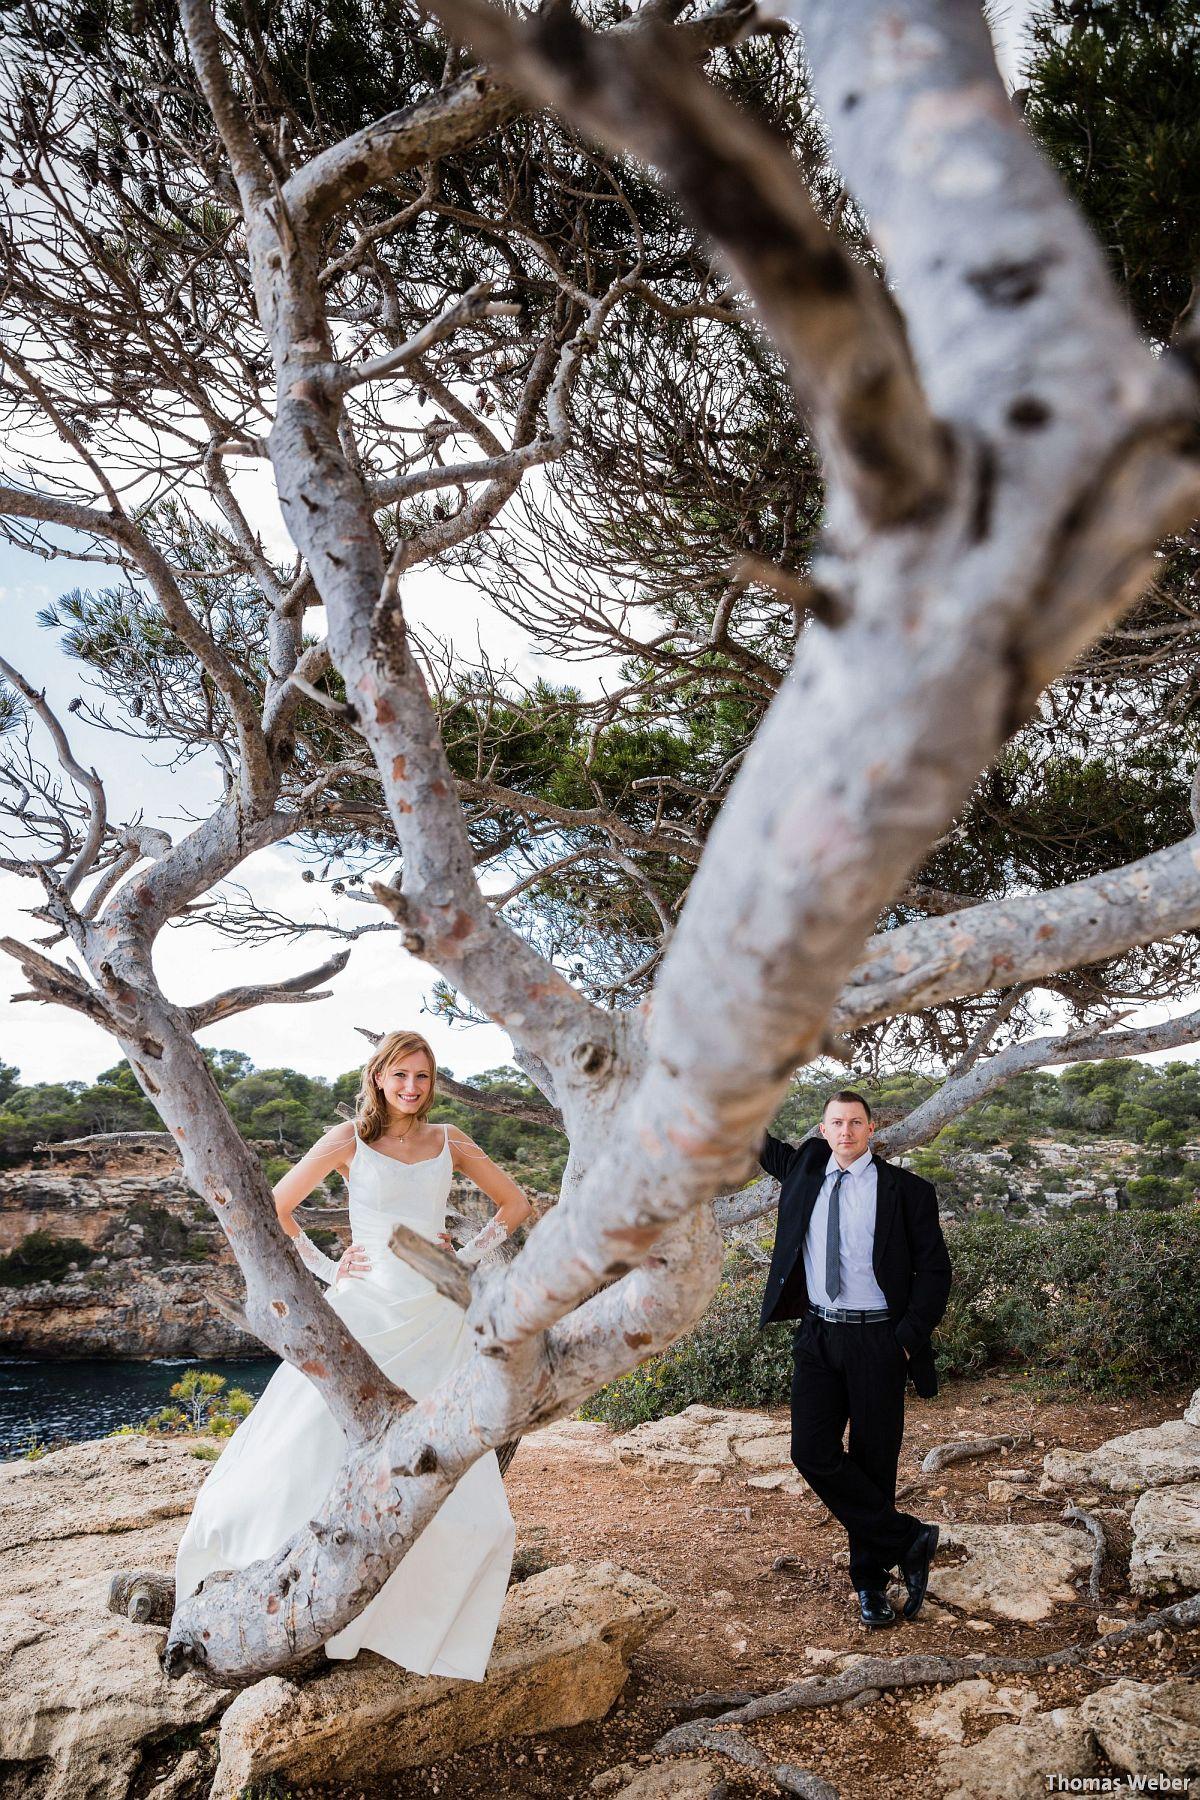 Fotograf Thomas Weber: Hochzeitsfotos und Paarfotos auf Mallorca (18)